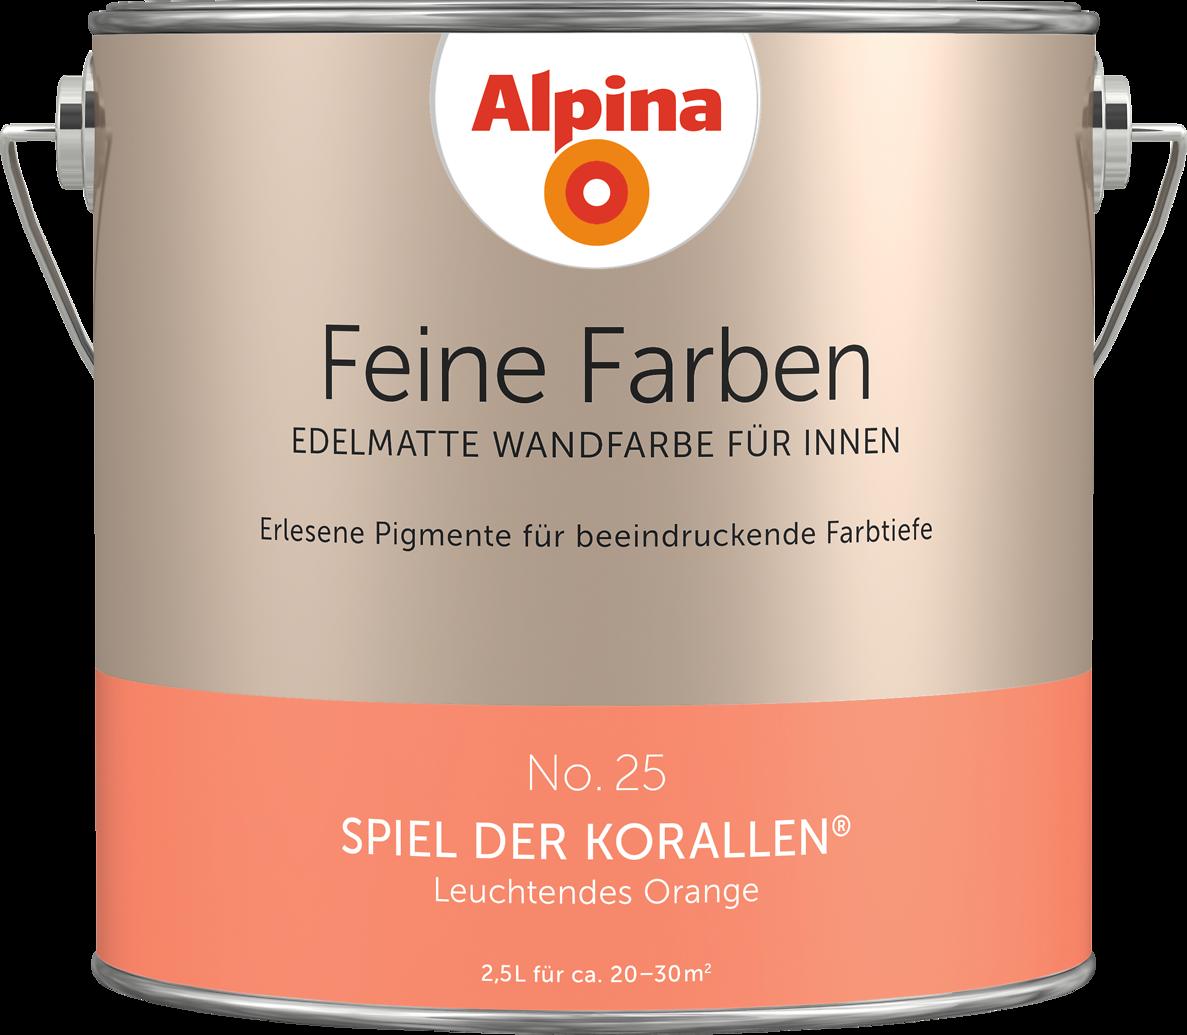 Premium-Wandfarbe Orange: Alpina Feine Farben SPIELEN DER KORALLEN ...